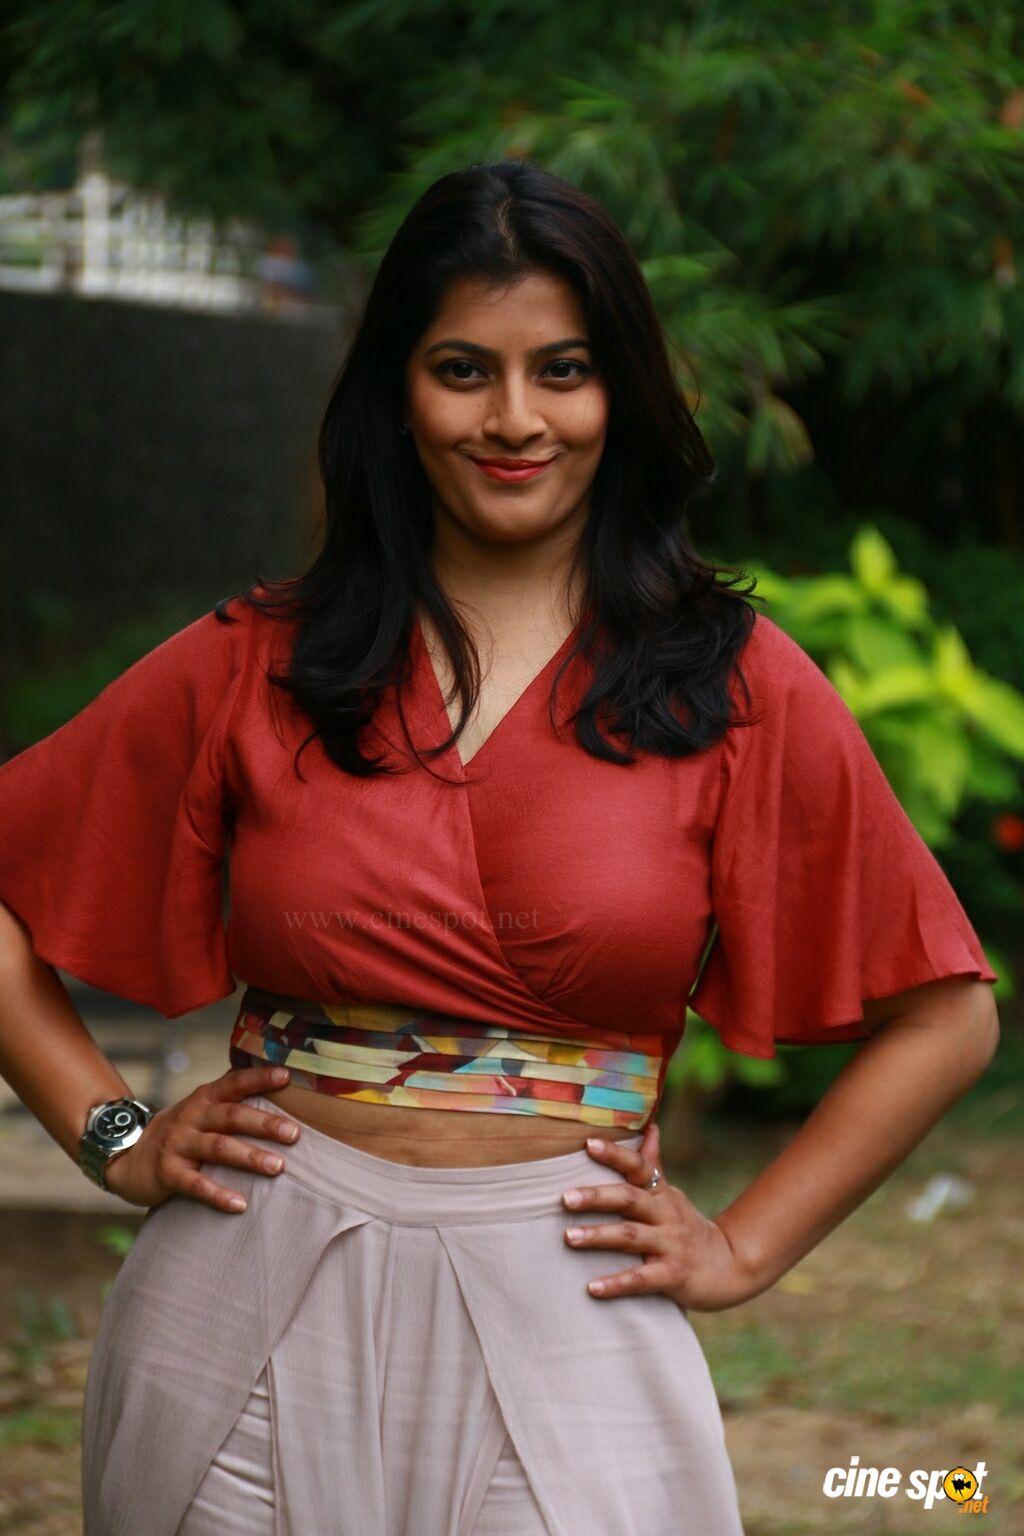 Forum on this topic: Rachel Boston, varalaxmi-sarathkumar/